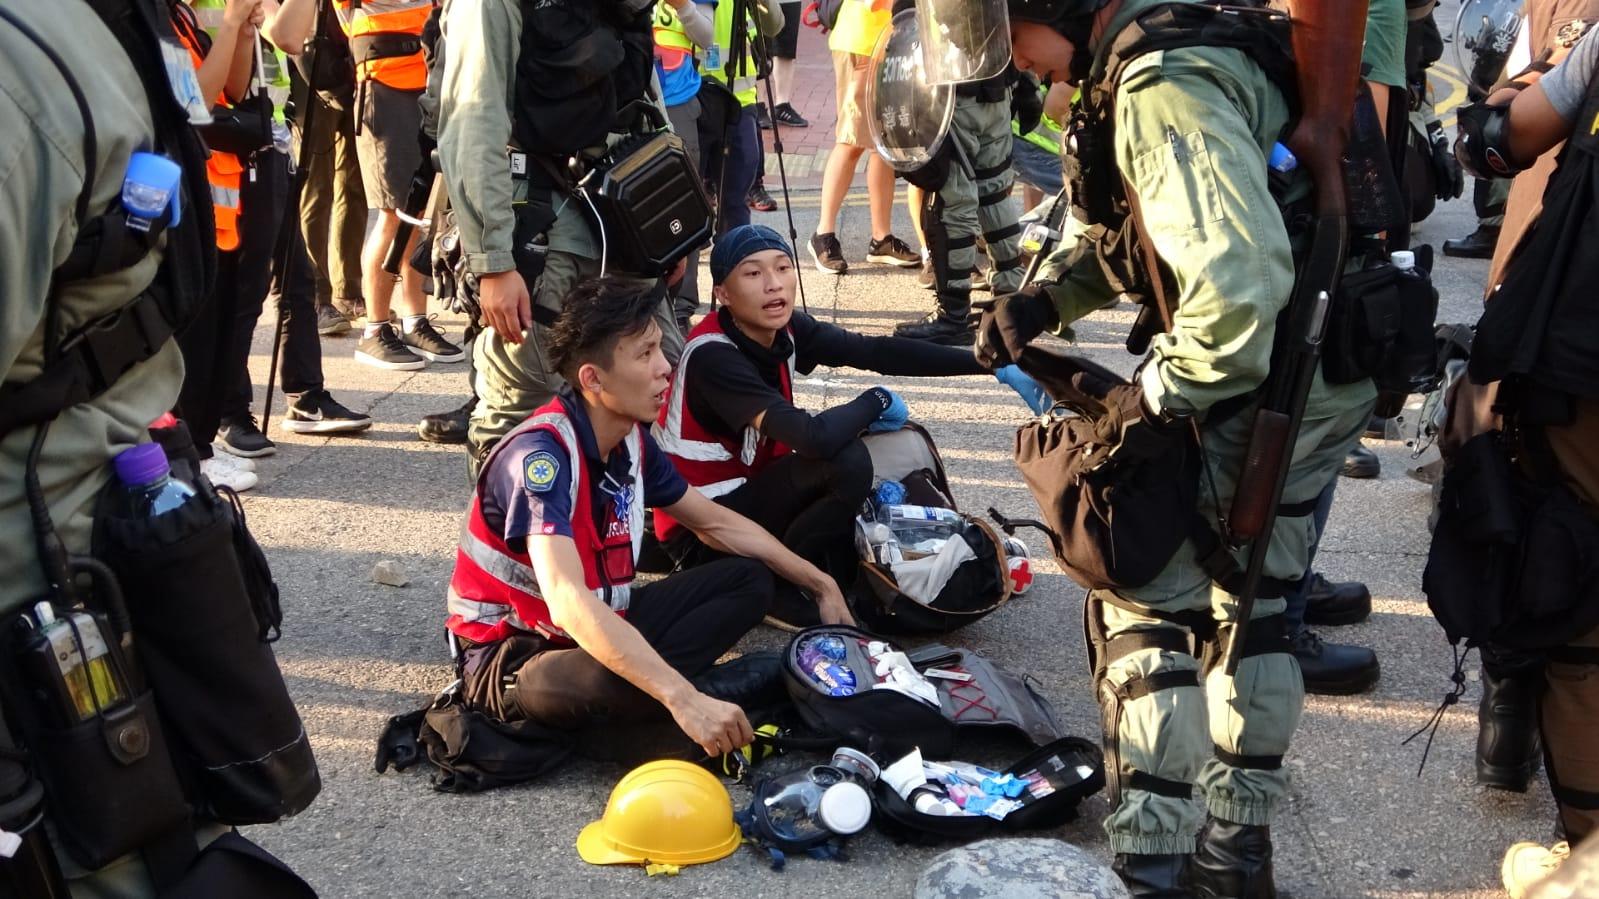 部份示威者坐在地上,未有反抗。